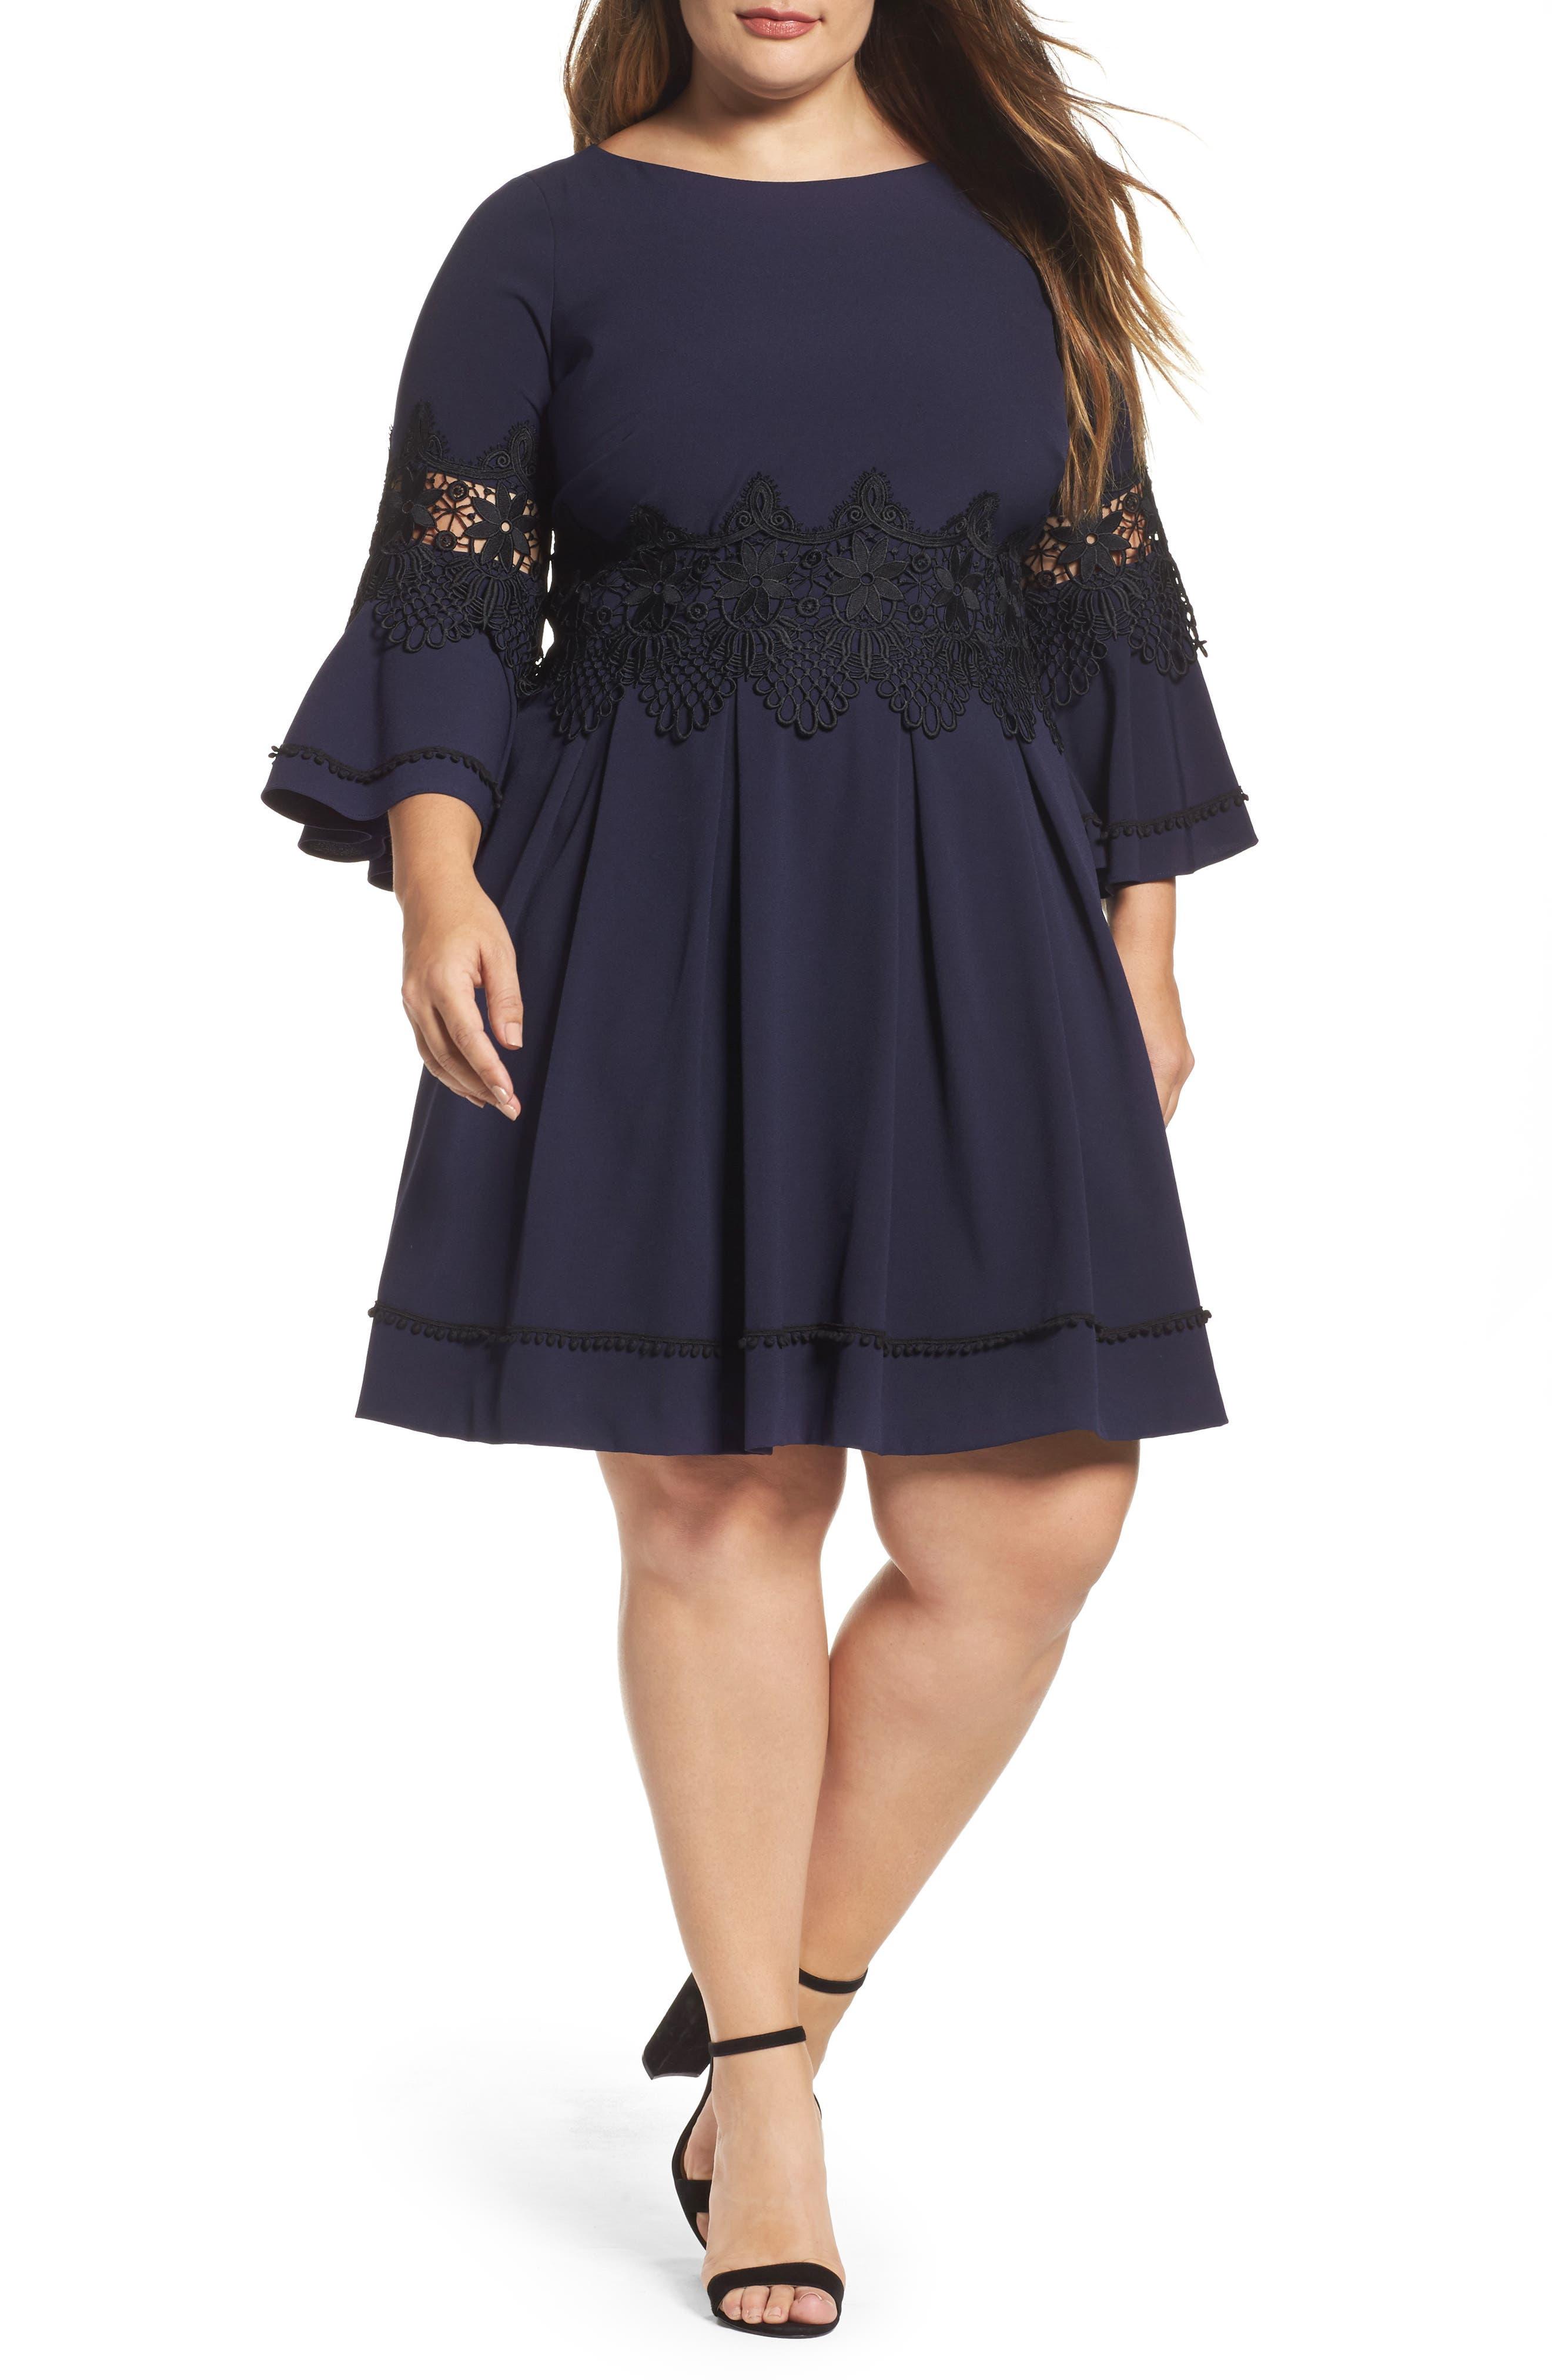 Lace Appliqué A-Line Dress,                         Main,                         color, Navy/ Black